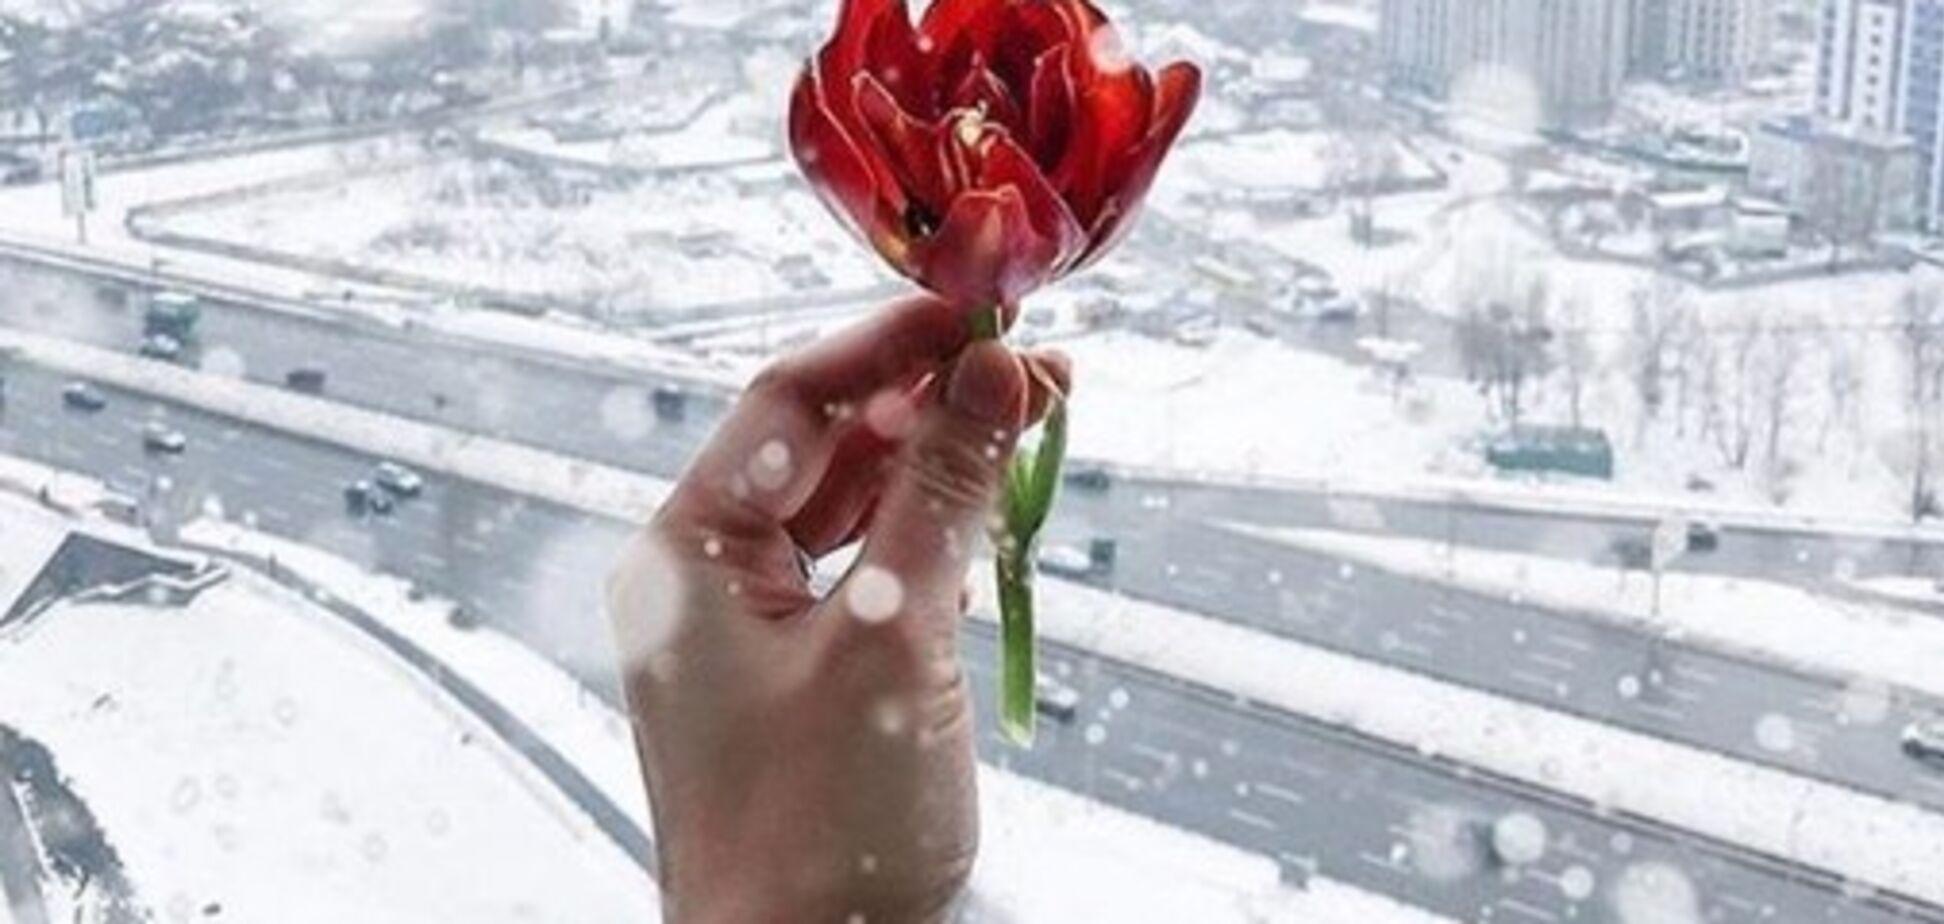 Первый снег вызвал ажиотаж в Instagram: самые яркие фото